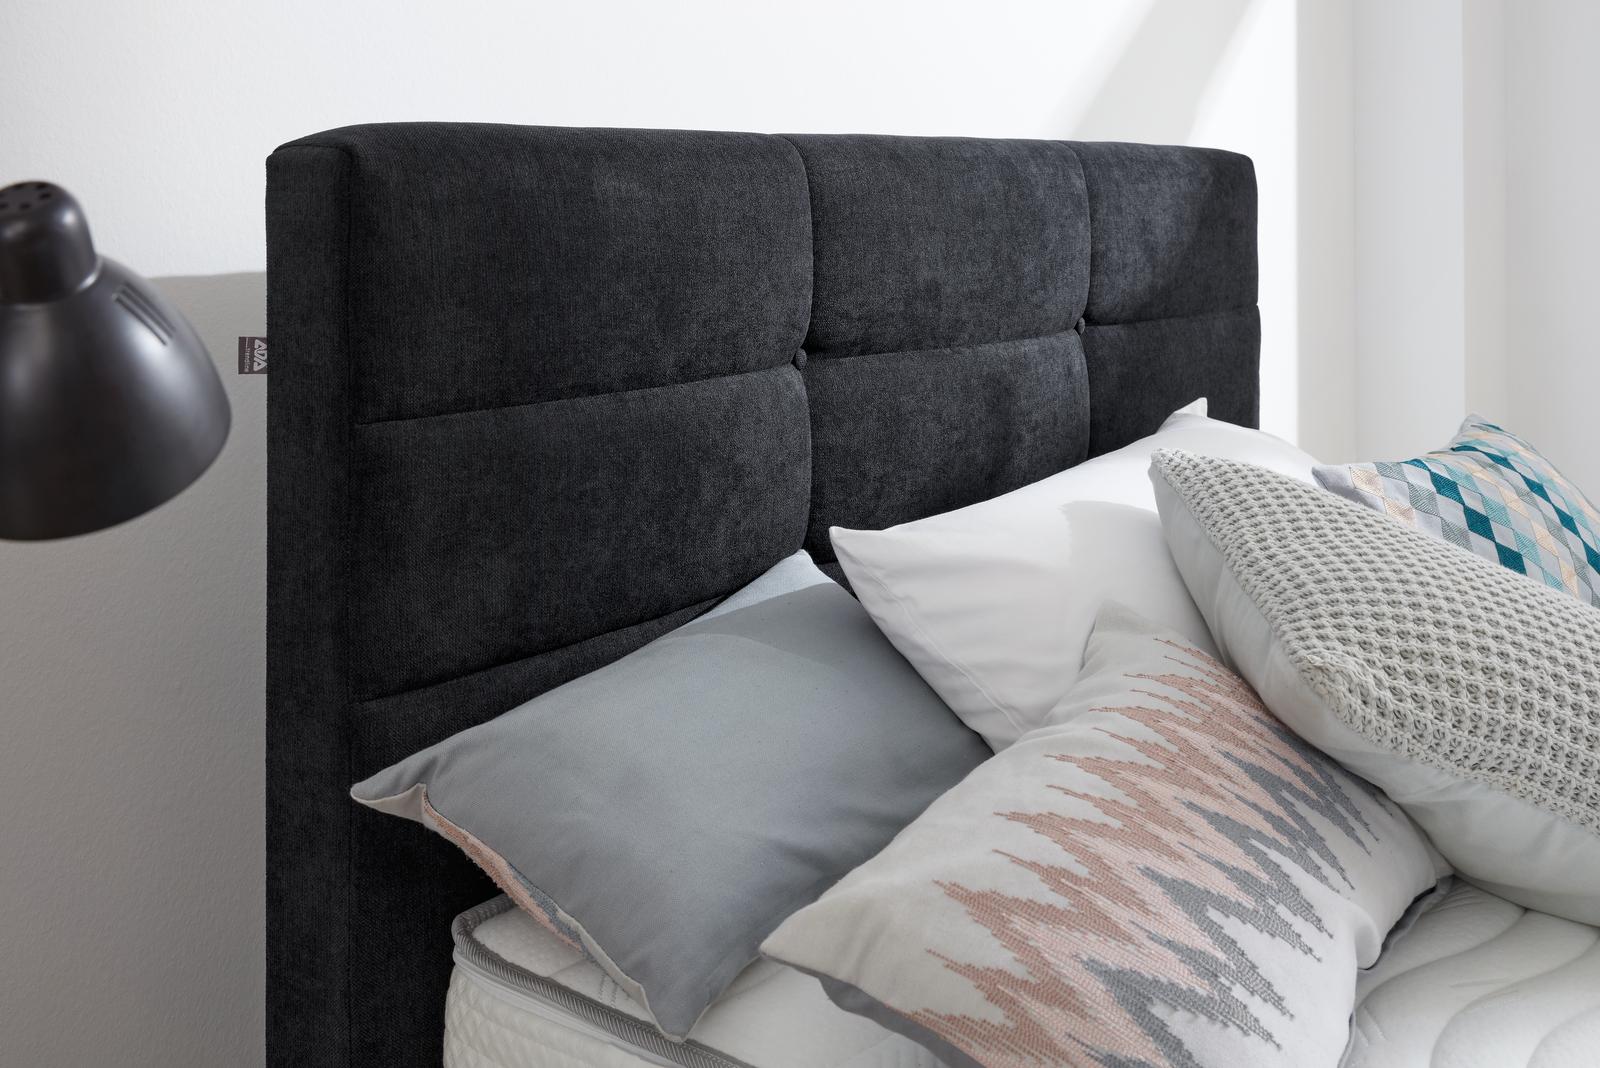 Bett in schwarzen Stoff, Quadratheftung im Kopfhaupt und Chromfüßen